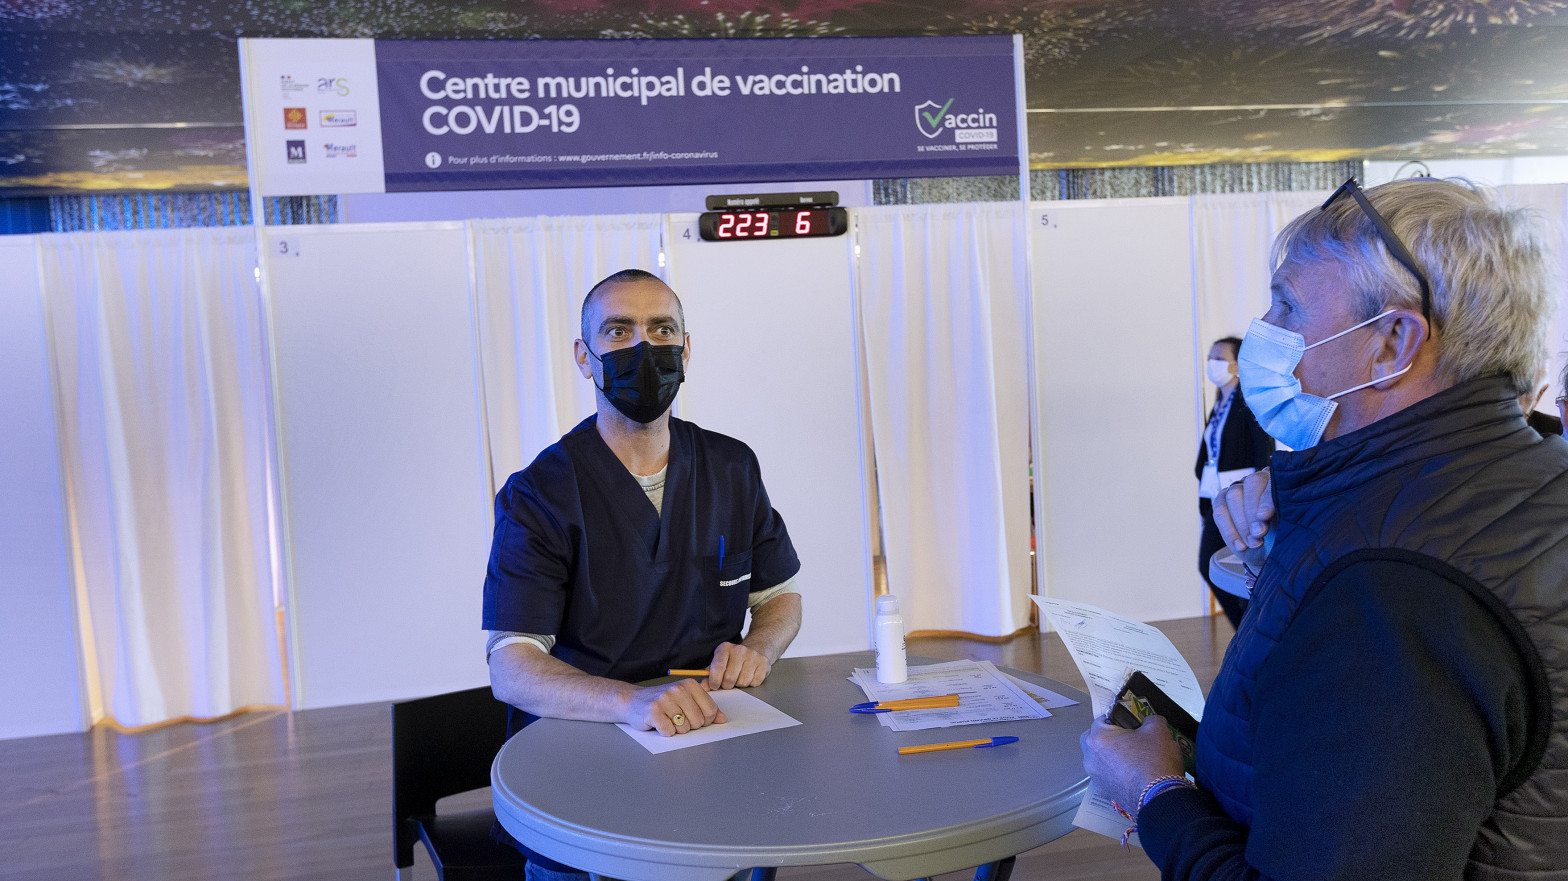 Francia adelanta al 31 de mayo la vacunación para toda la población adulta